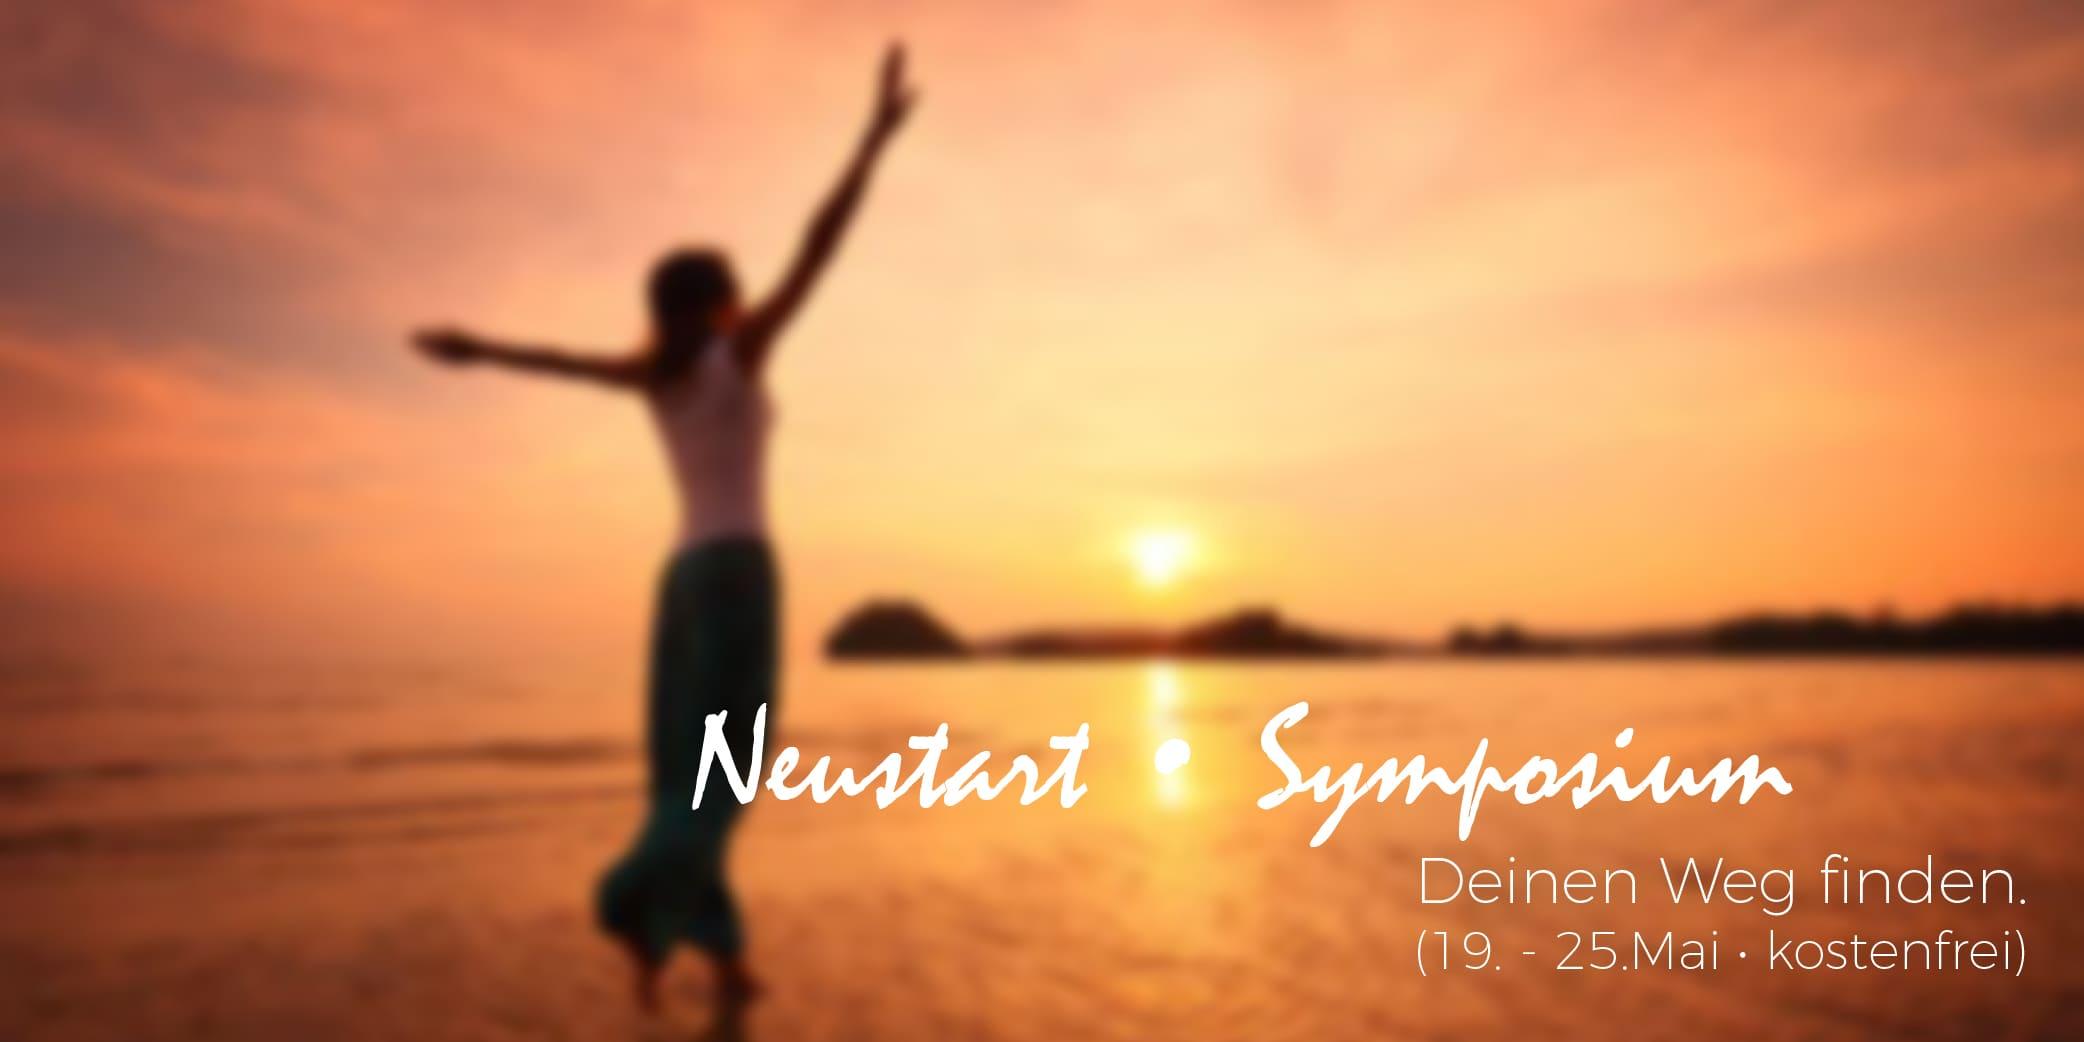 Neustart-Symposium von Petra Herz